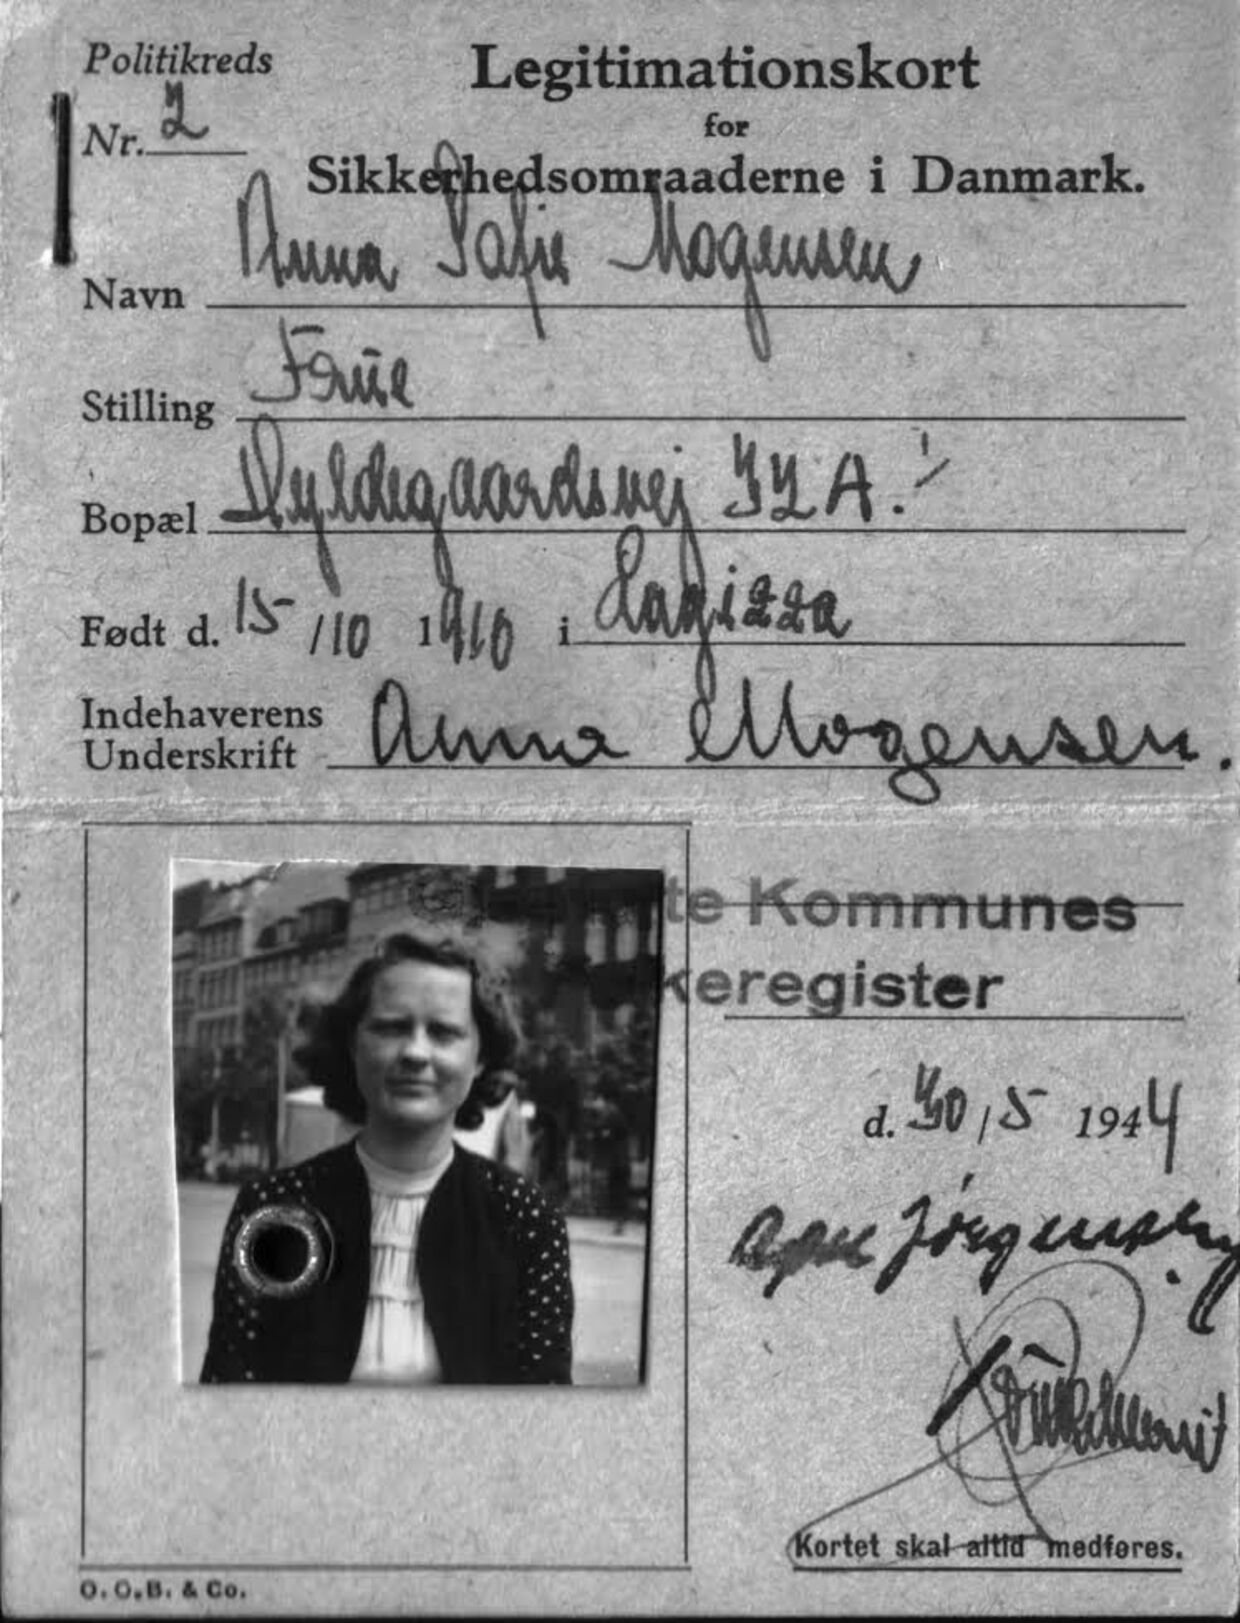 Lone Maslochas falske ID-kort. Fødenavnet har hun beholdt, men hun er blevet 10 år ældre, og på adressen Hyldegaardsvej i Ordrup boede hendes svigerinde tidligere.